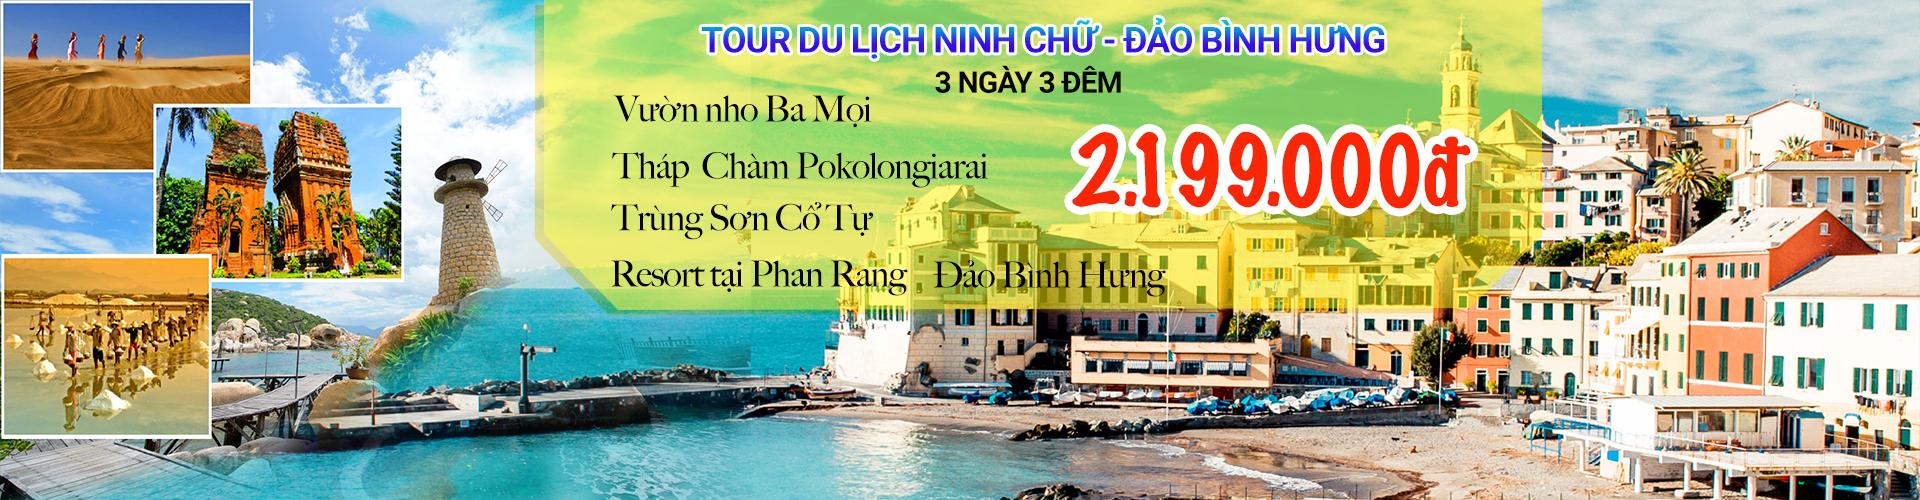 Tour du lịch Ninh Chữ - Đảo Bình Hưng Lễ 30/4 – 1/5 năm 2017 3 ngày 3 đêm